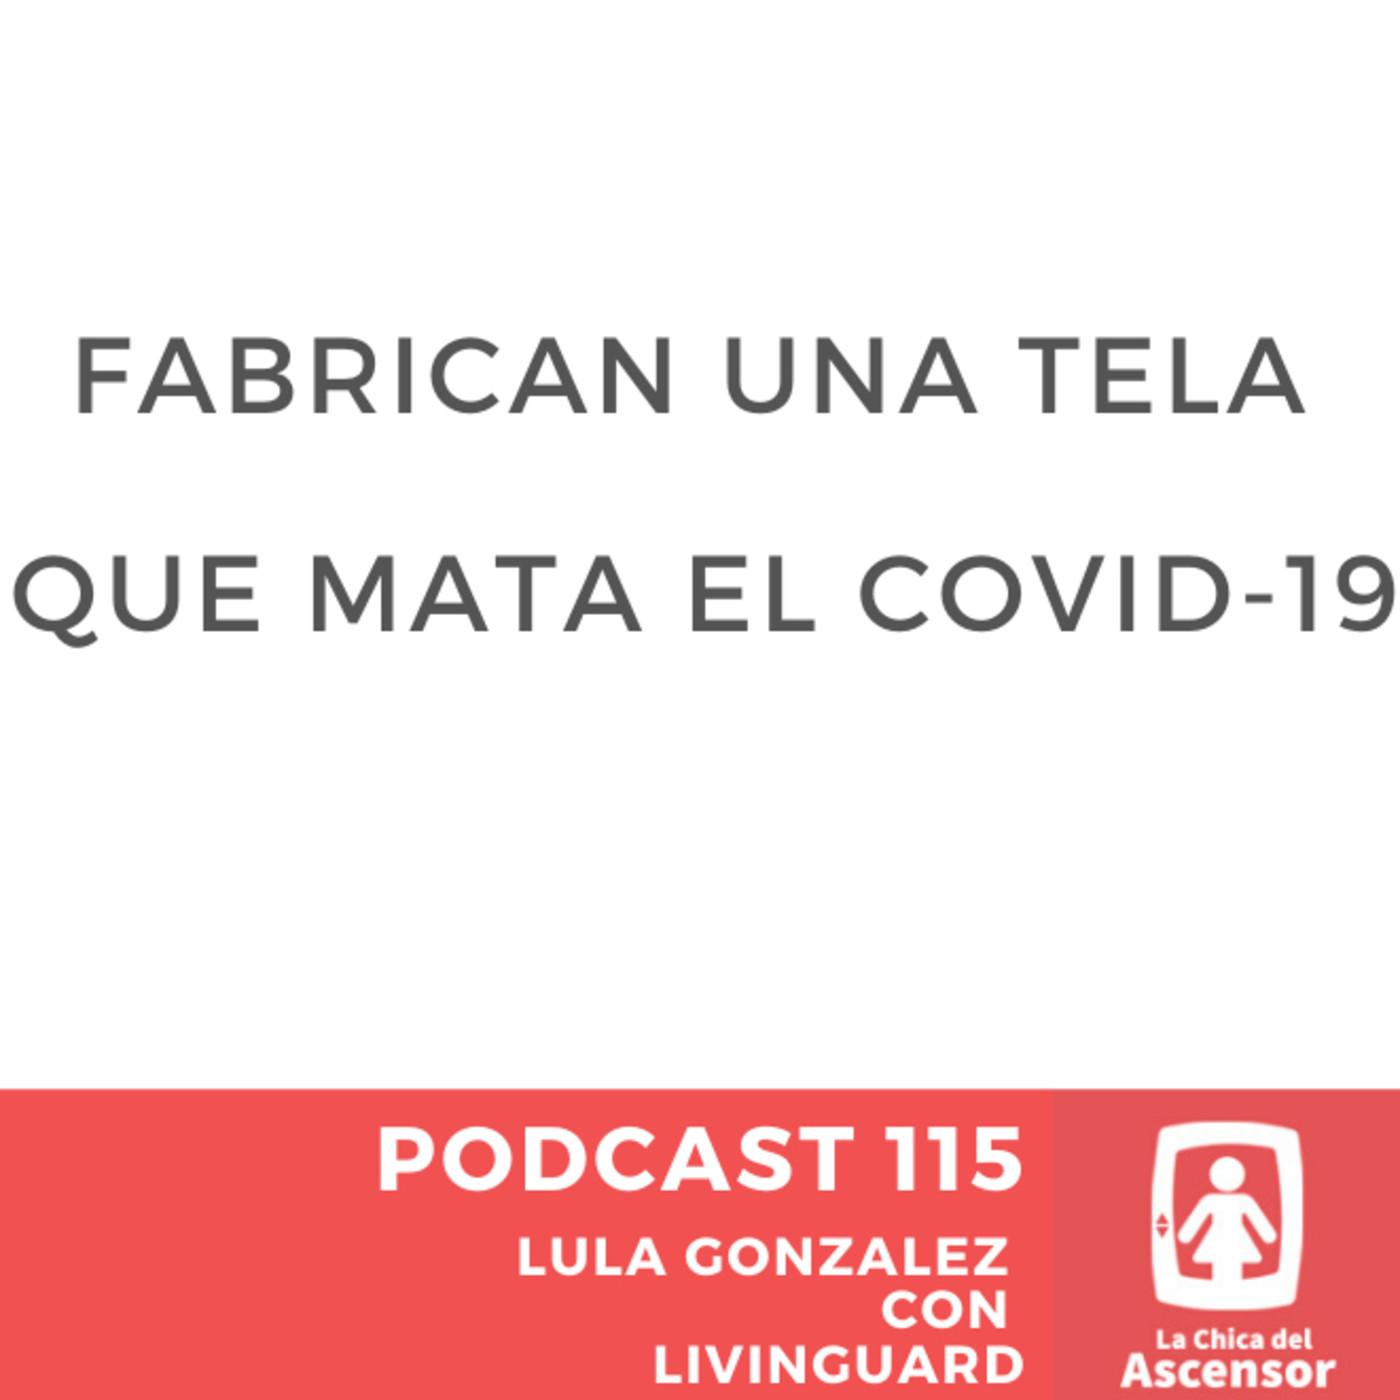 115 - Fabrican un tejido con tecnología innovadora que mata el COVID-19